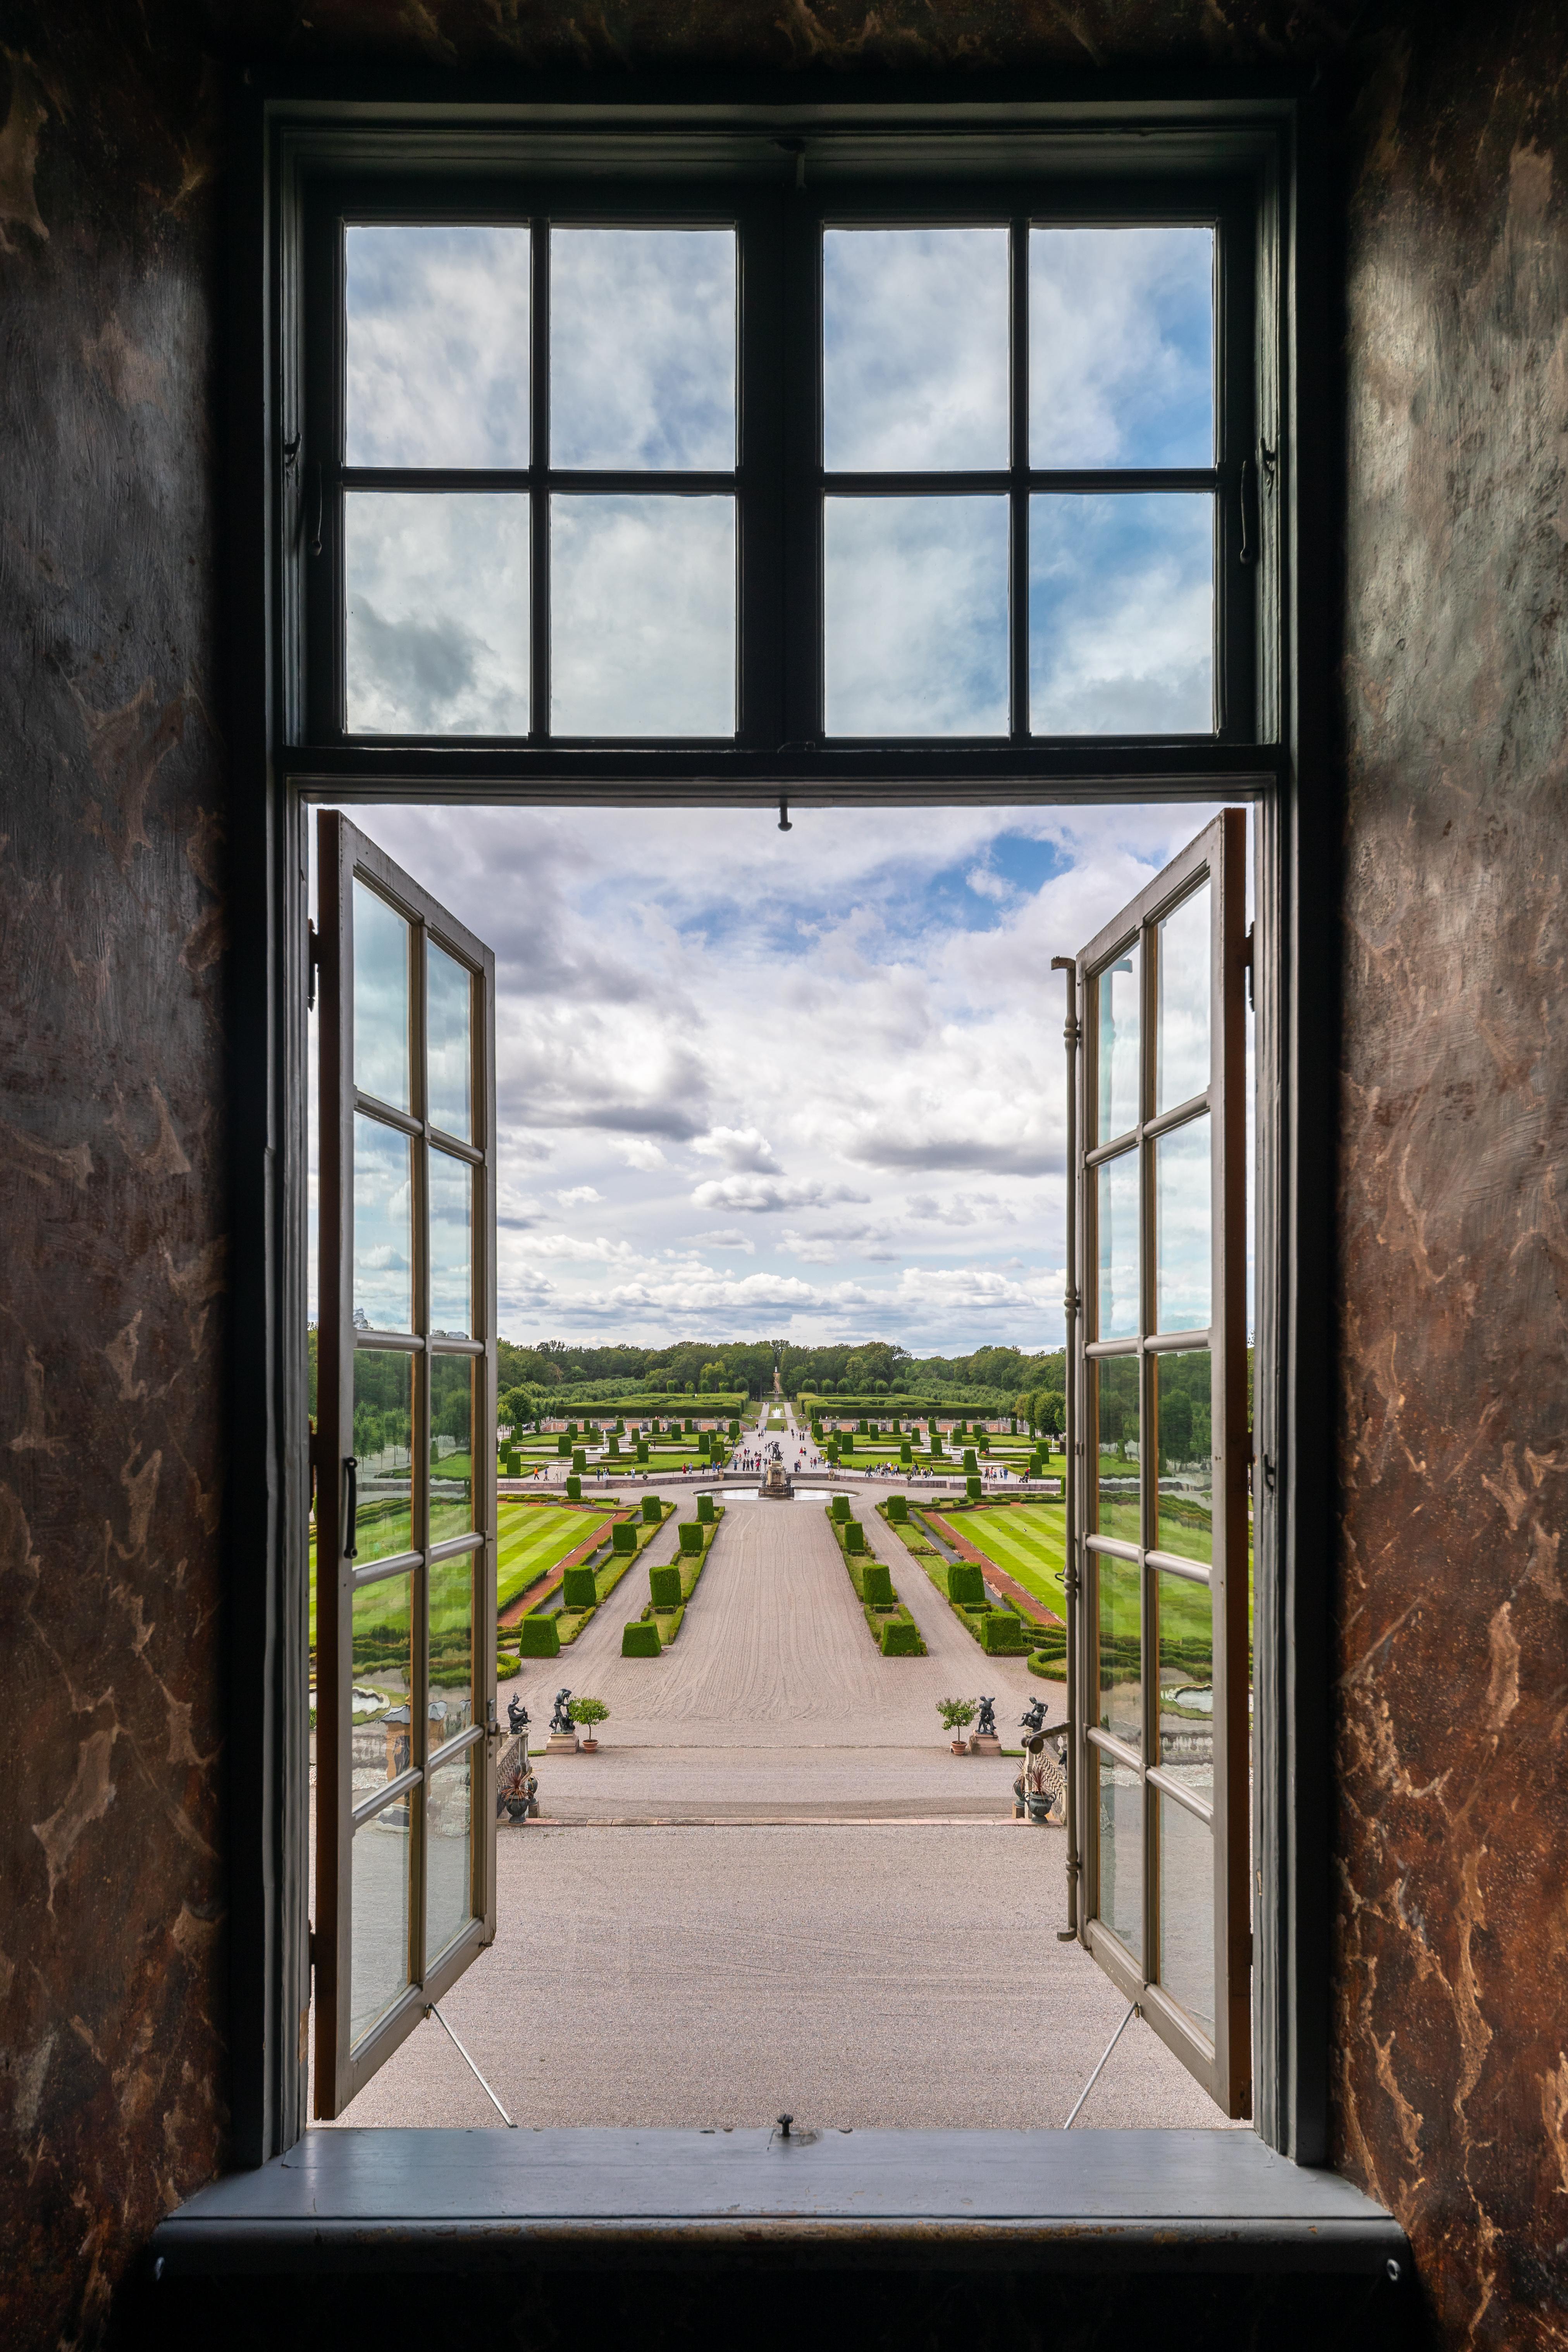 Barockträdgården, Drottningholm. Foto: Martin Kraft CC BY-SA 4.0